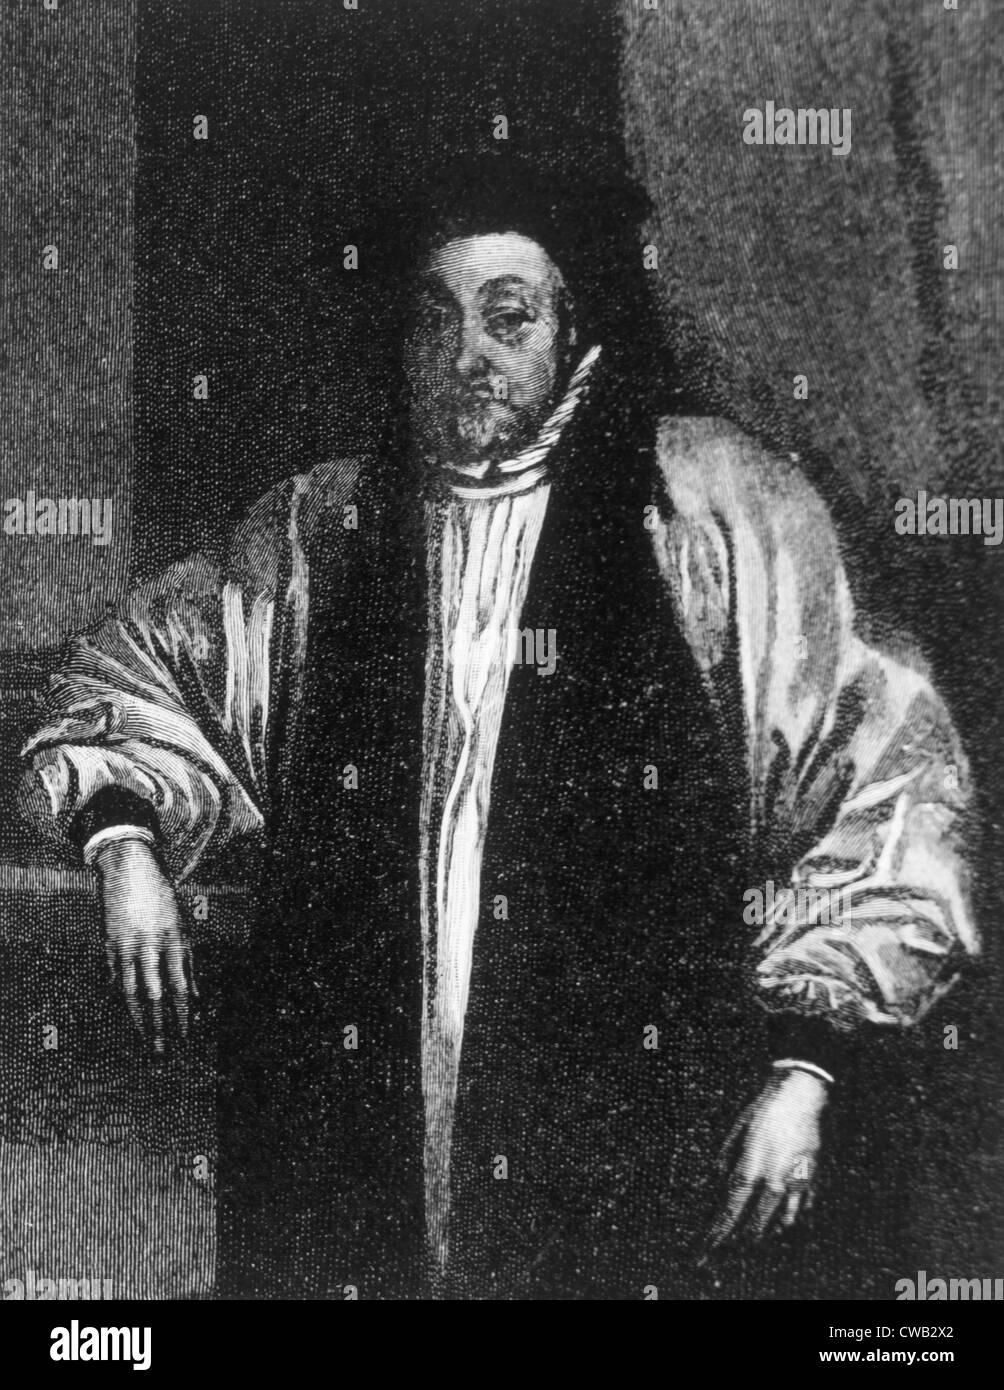 William Laud (1573-1645), Archbishop of Canterbury (1633-1645) - Stock Image